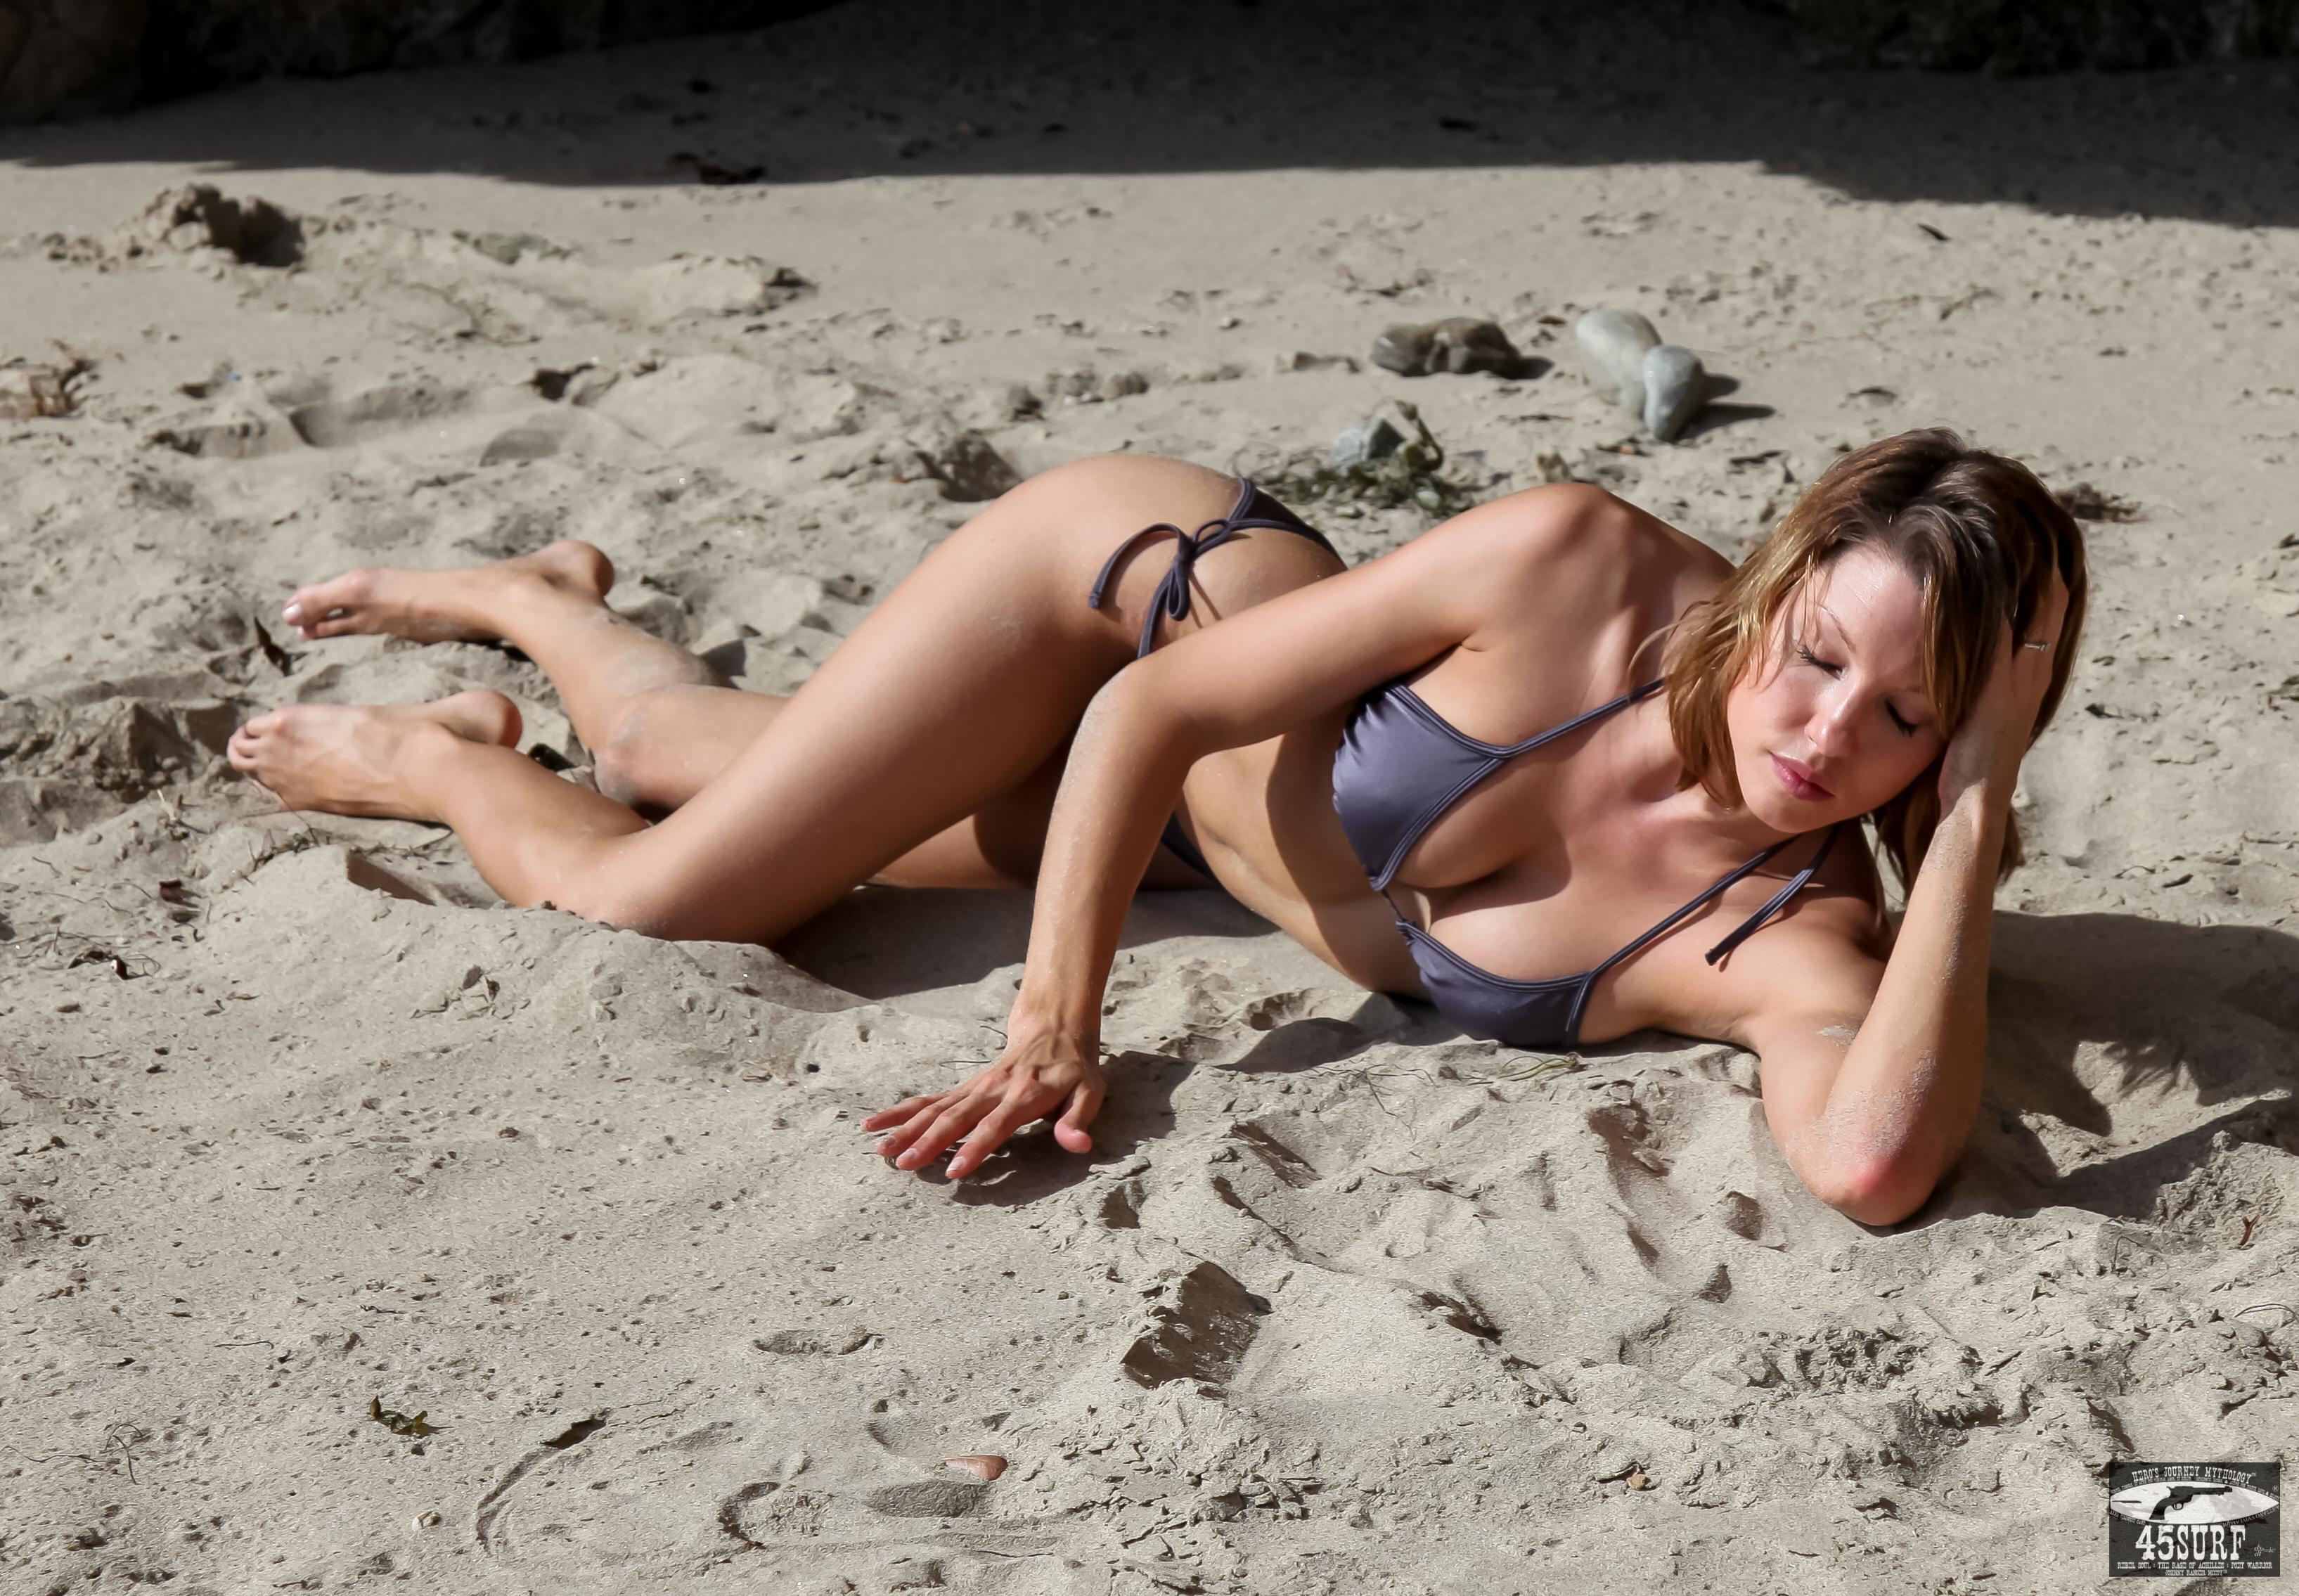 девушки фото дикий пляж медленно